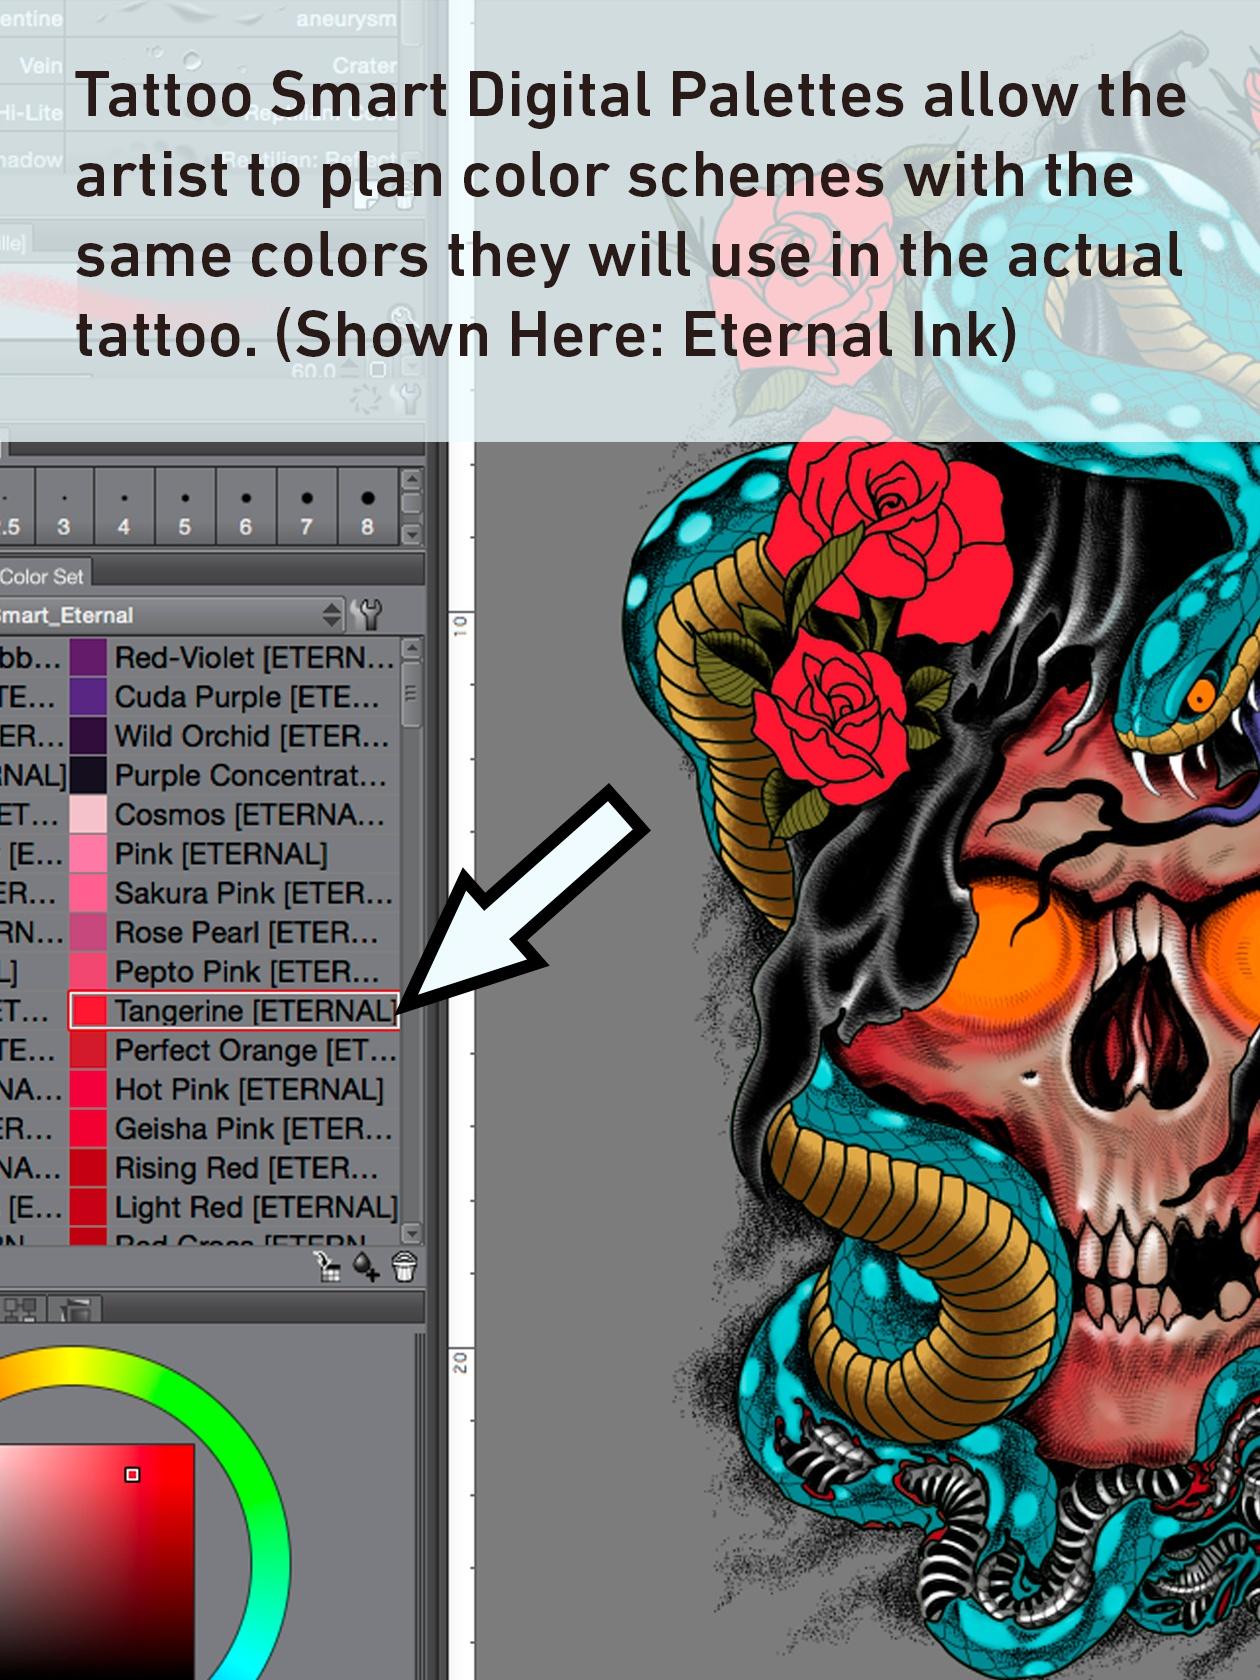 Tattoo Smart Digital Palettes